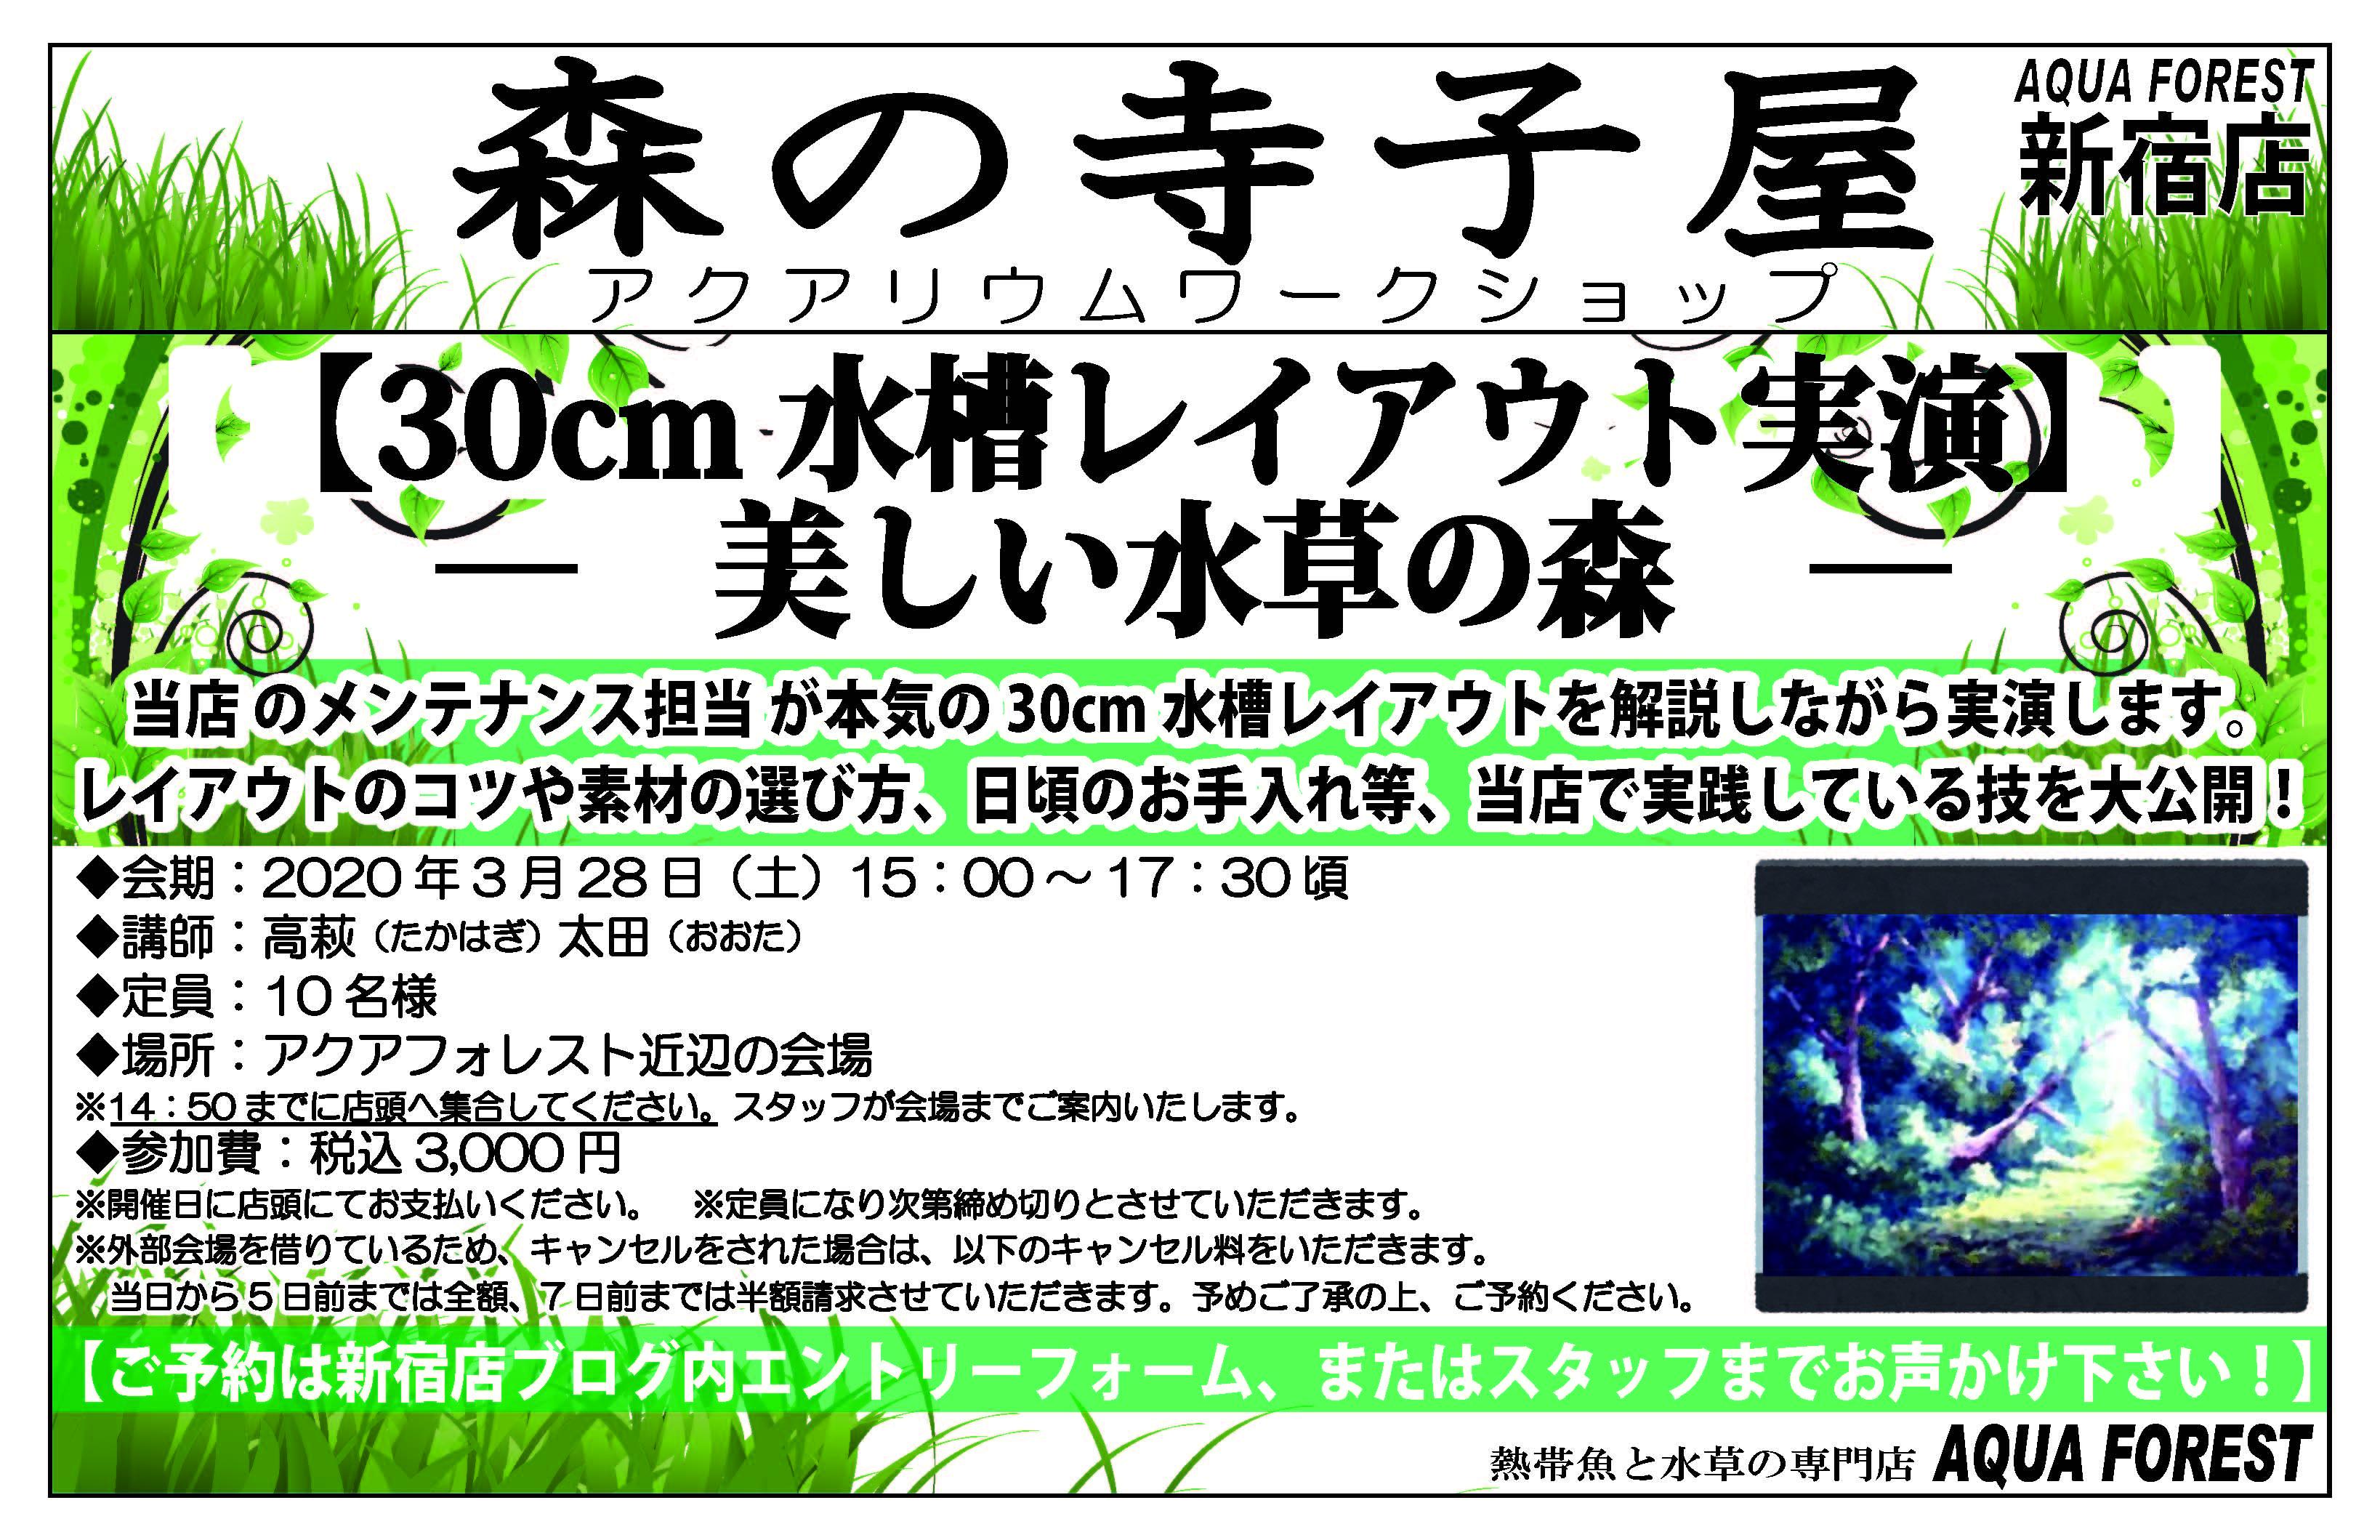 【新宿店】2020年3月28日(土)森の寺子屋-30cmレイアウト実演-を開催します!